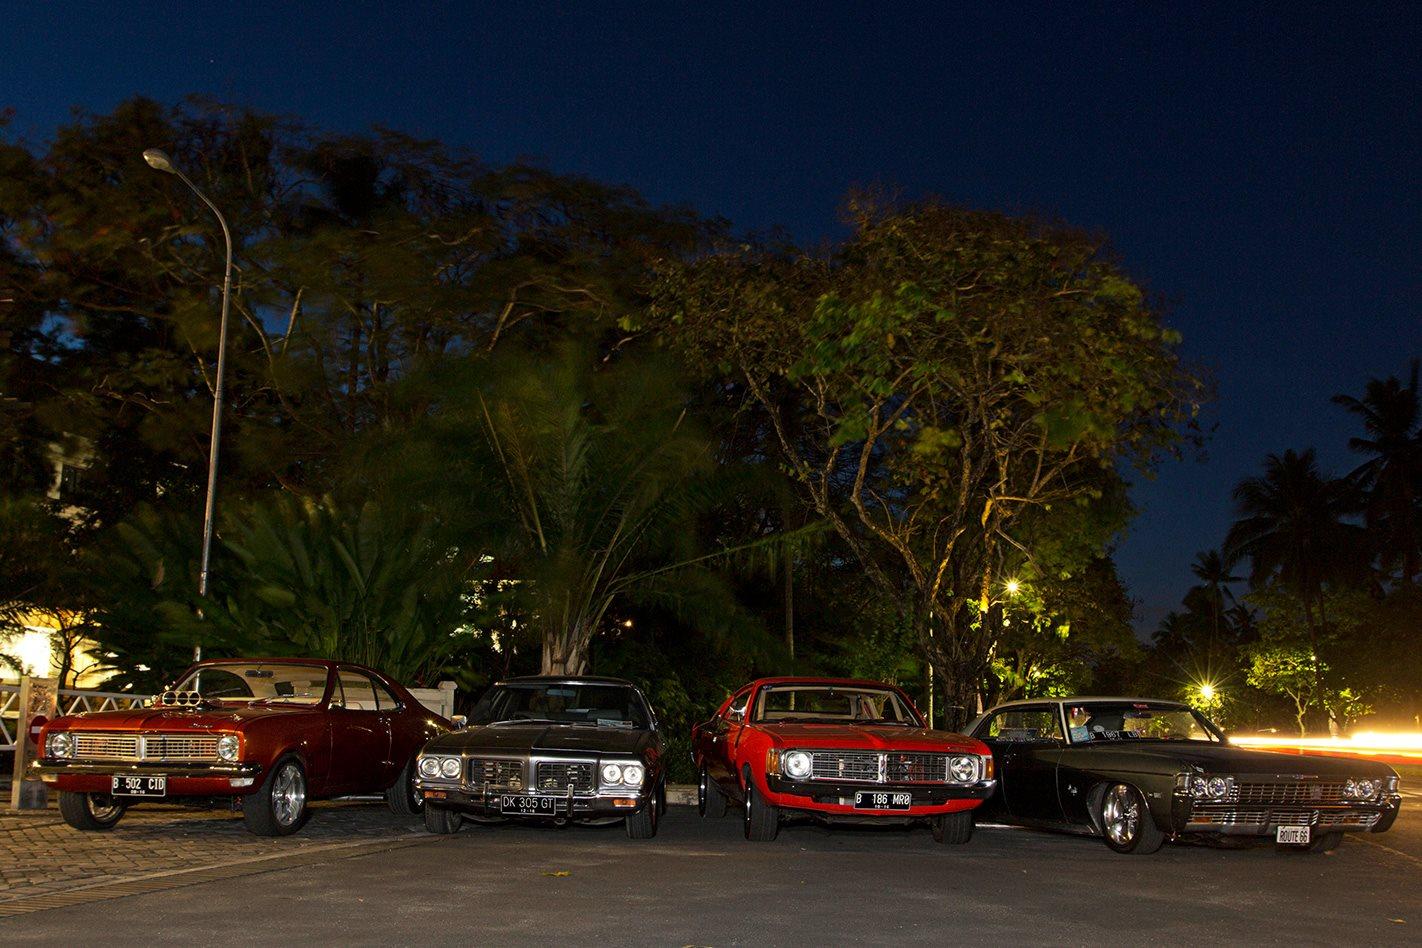 nightime in Jakarta